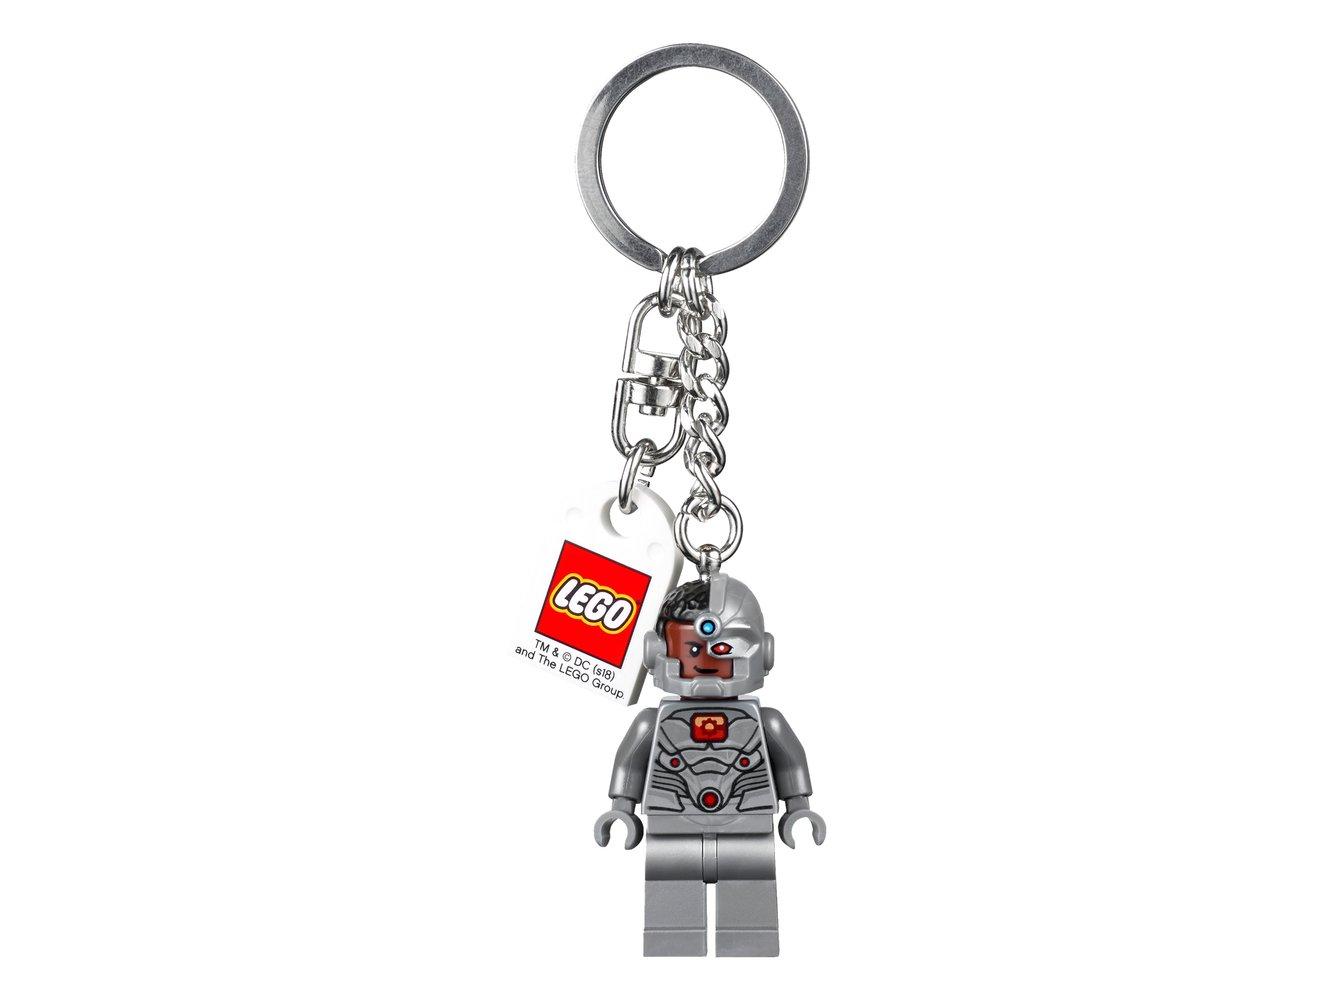 Cyborg Key Chain